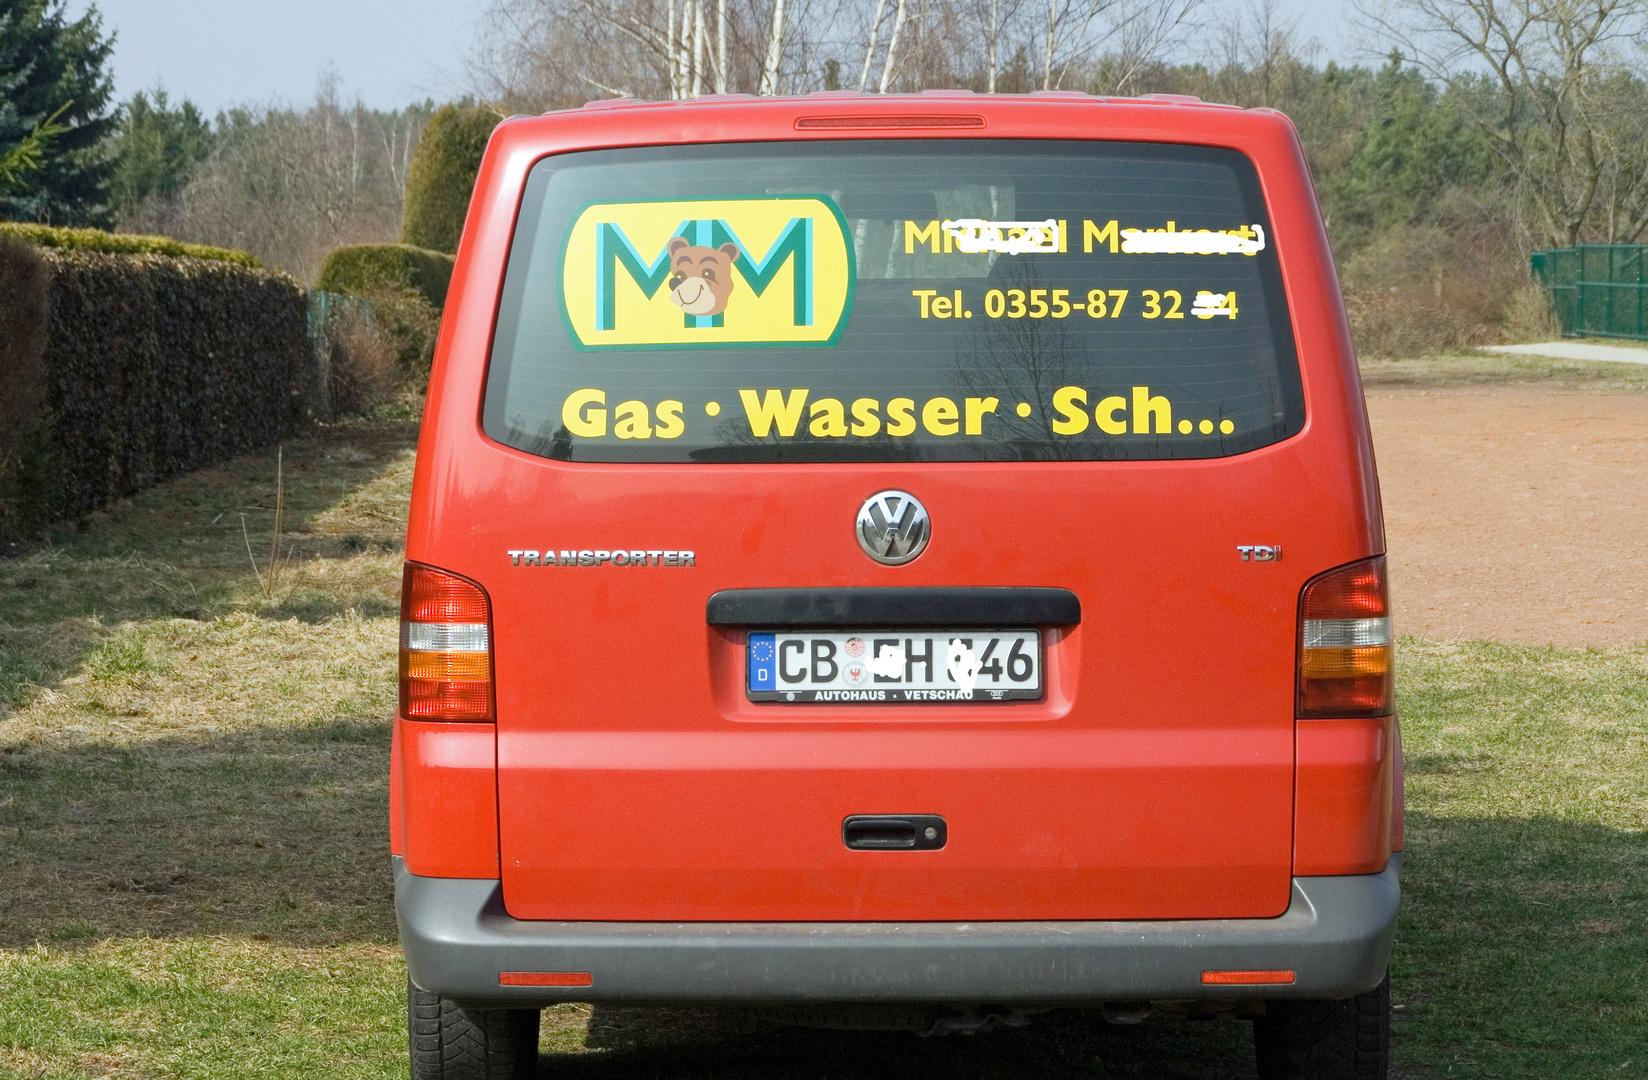 Gas, Wasser, Schtrom